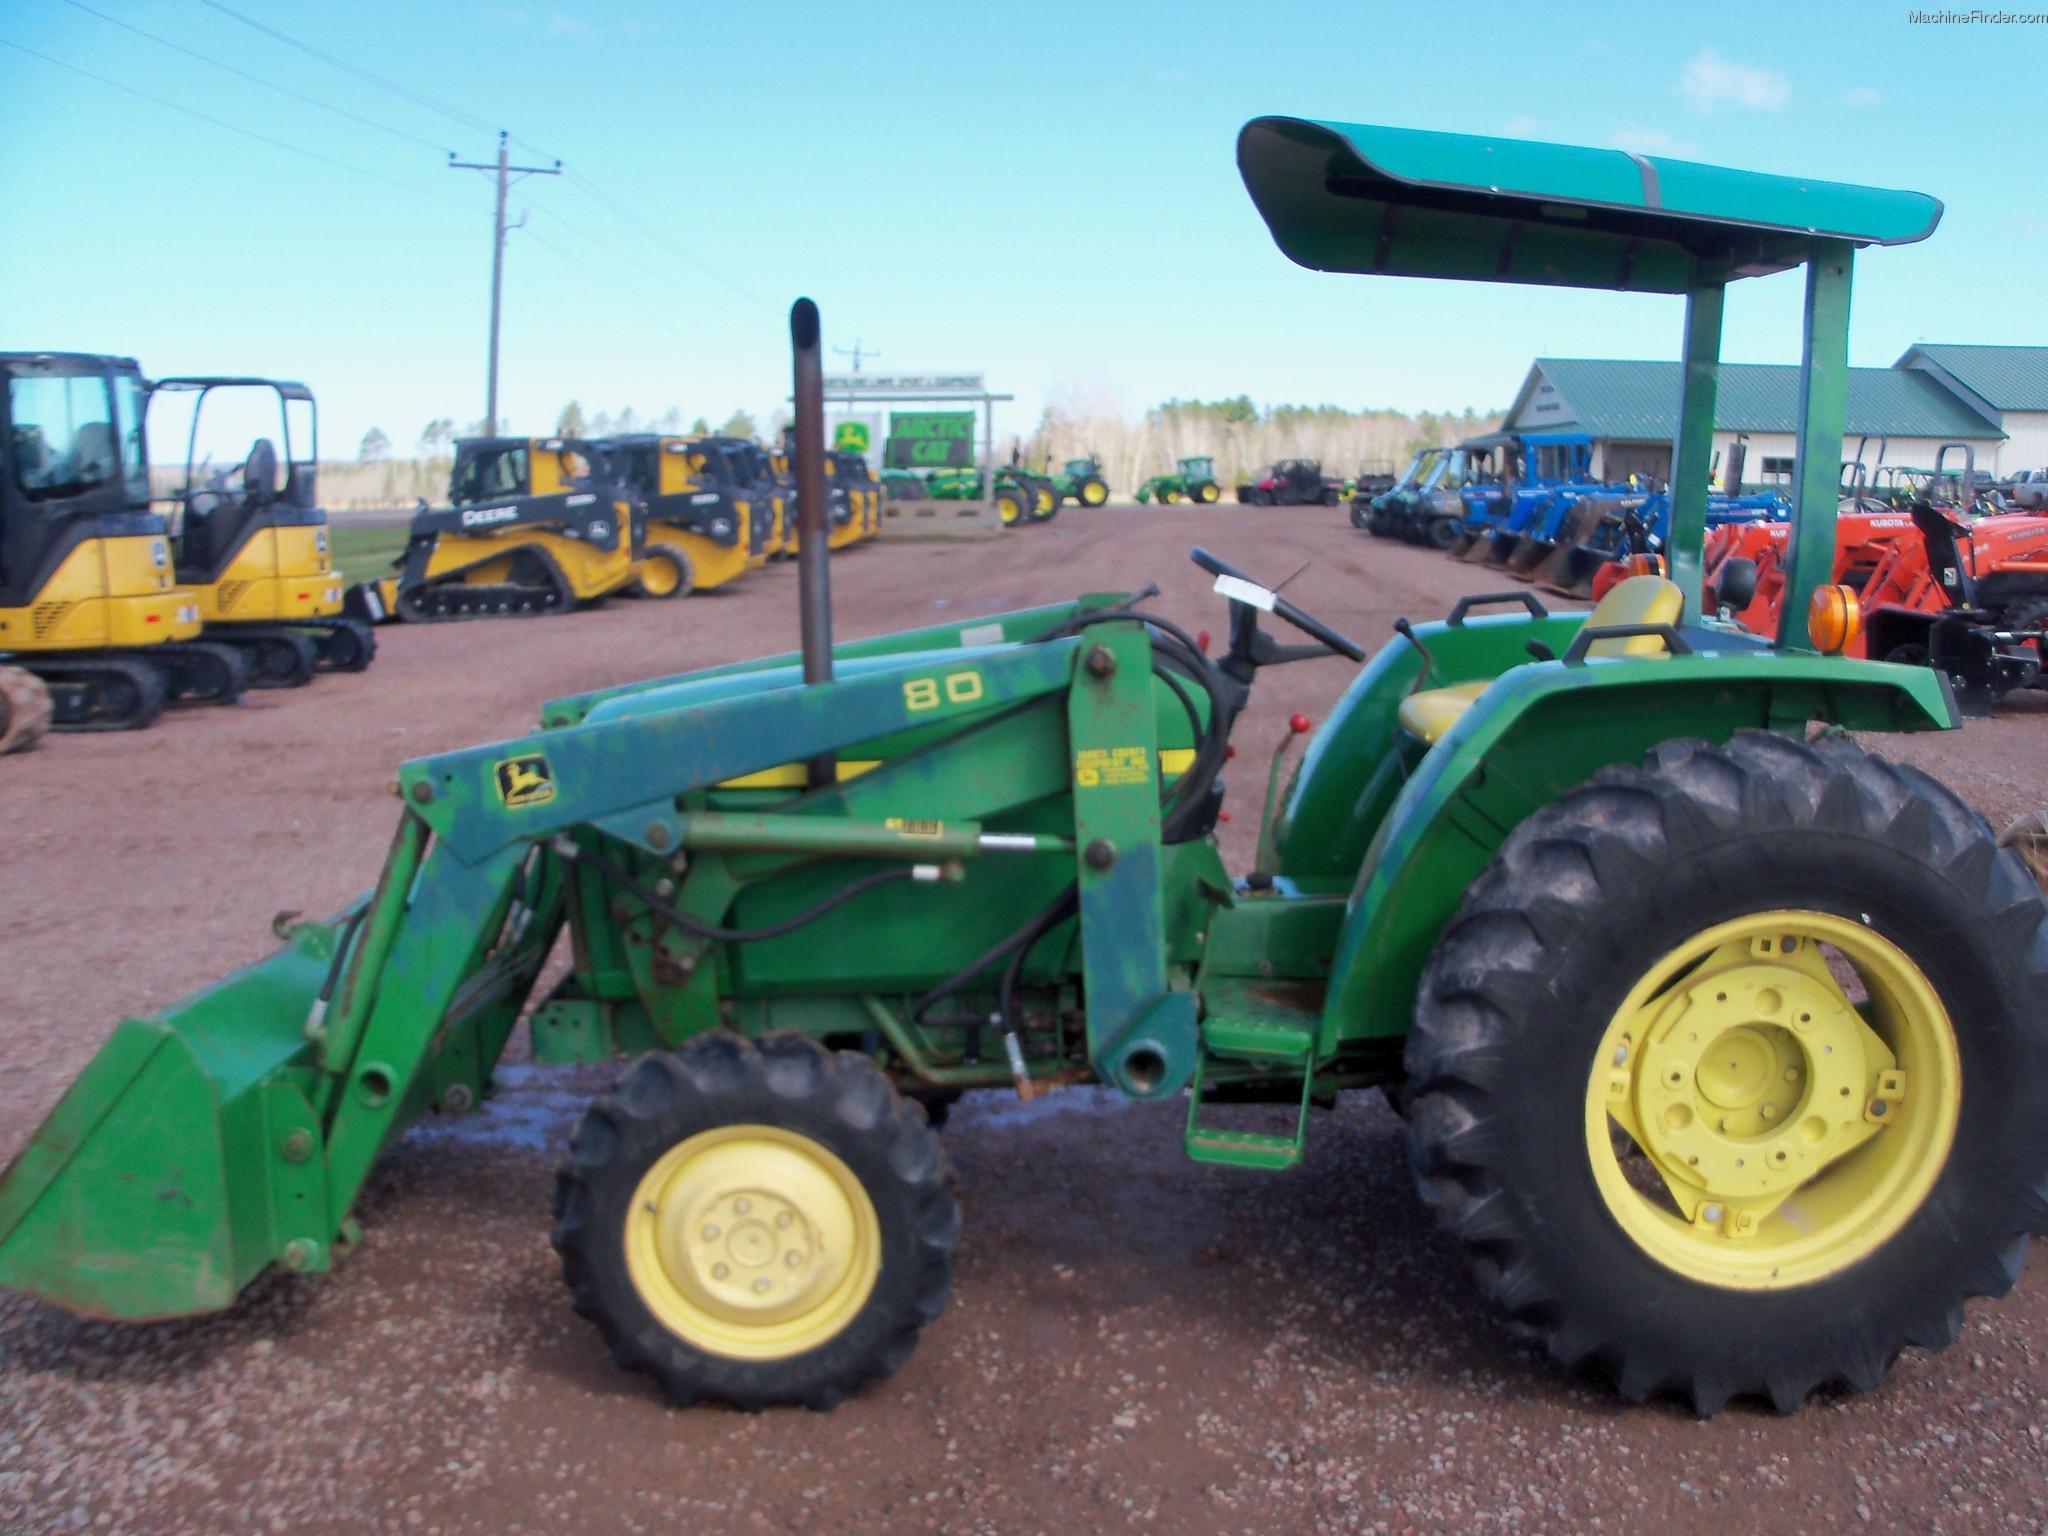 John Deere 970 Tractors - Compact (1-40hp.) - John Deere ...